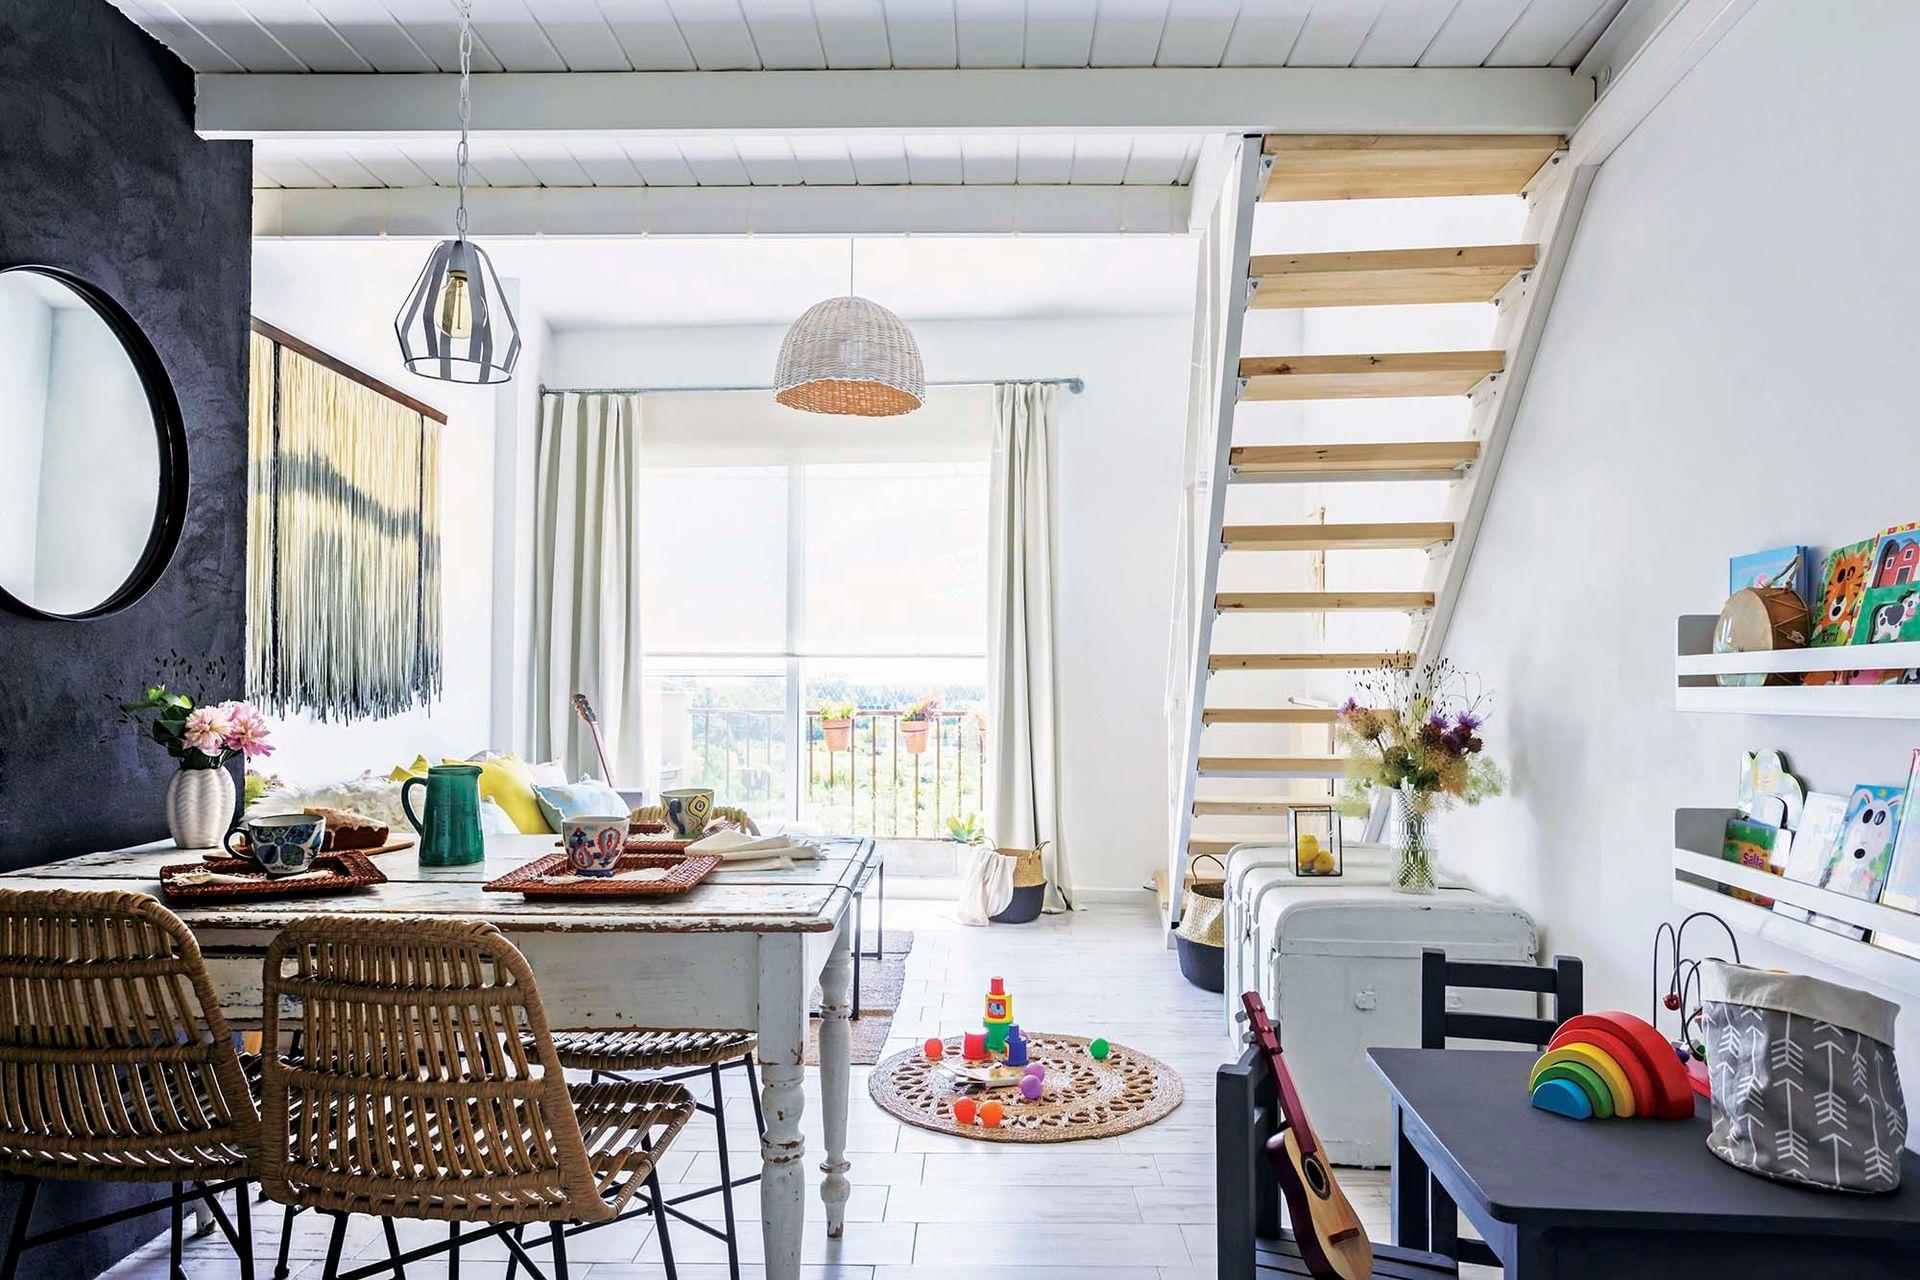 La escalera que incluyeron para conectar el espacio original con el entrepiso tiene estructura metálica para mayor levedad y escalones de madera para dar la justa calidez.